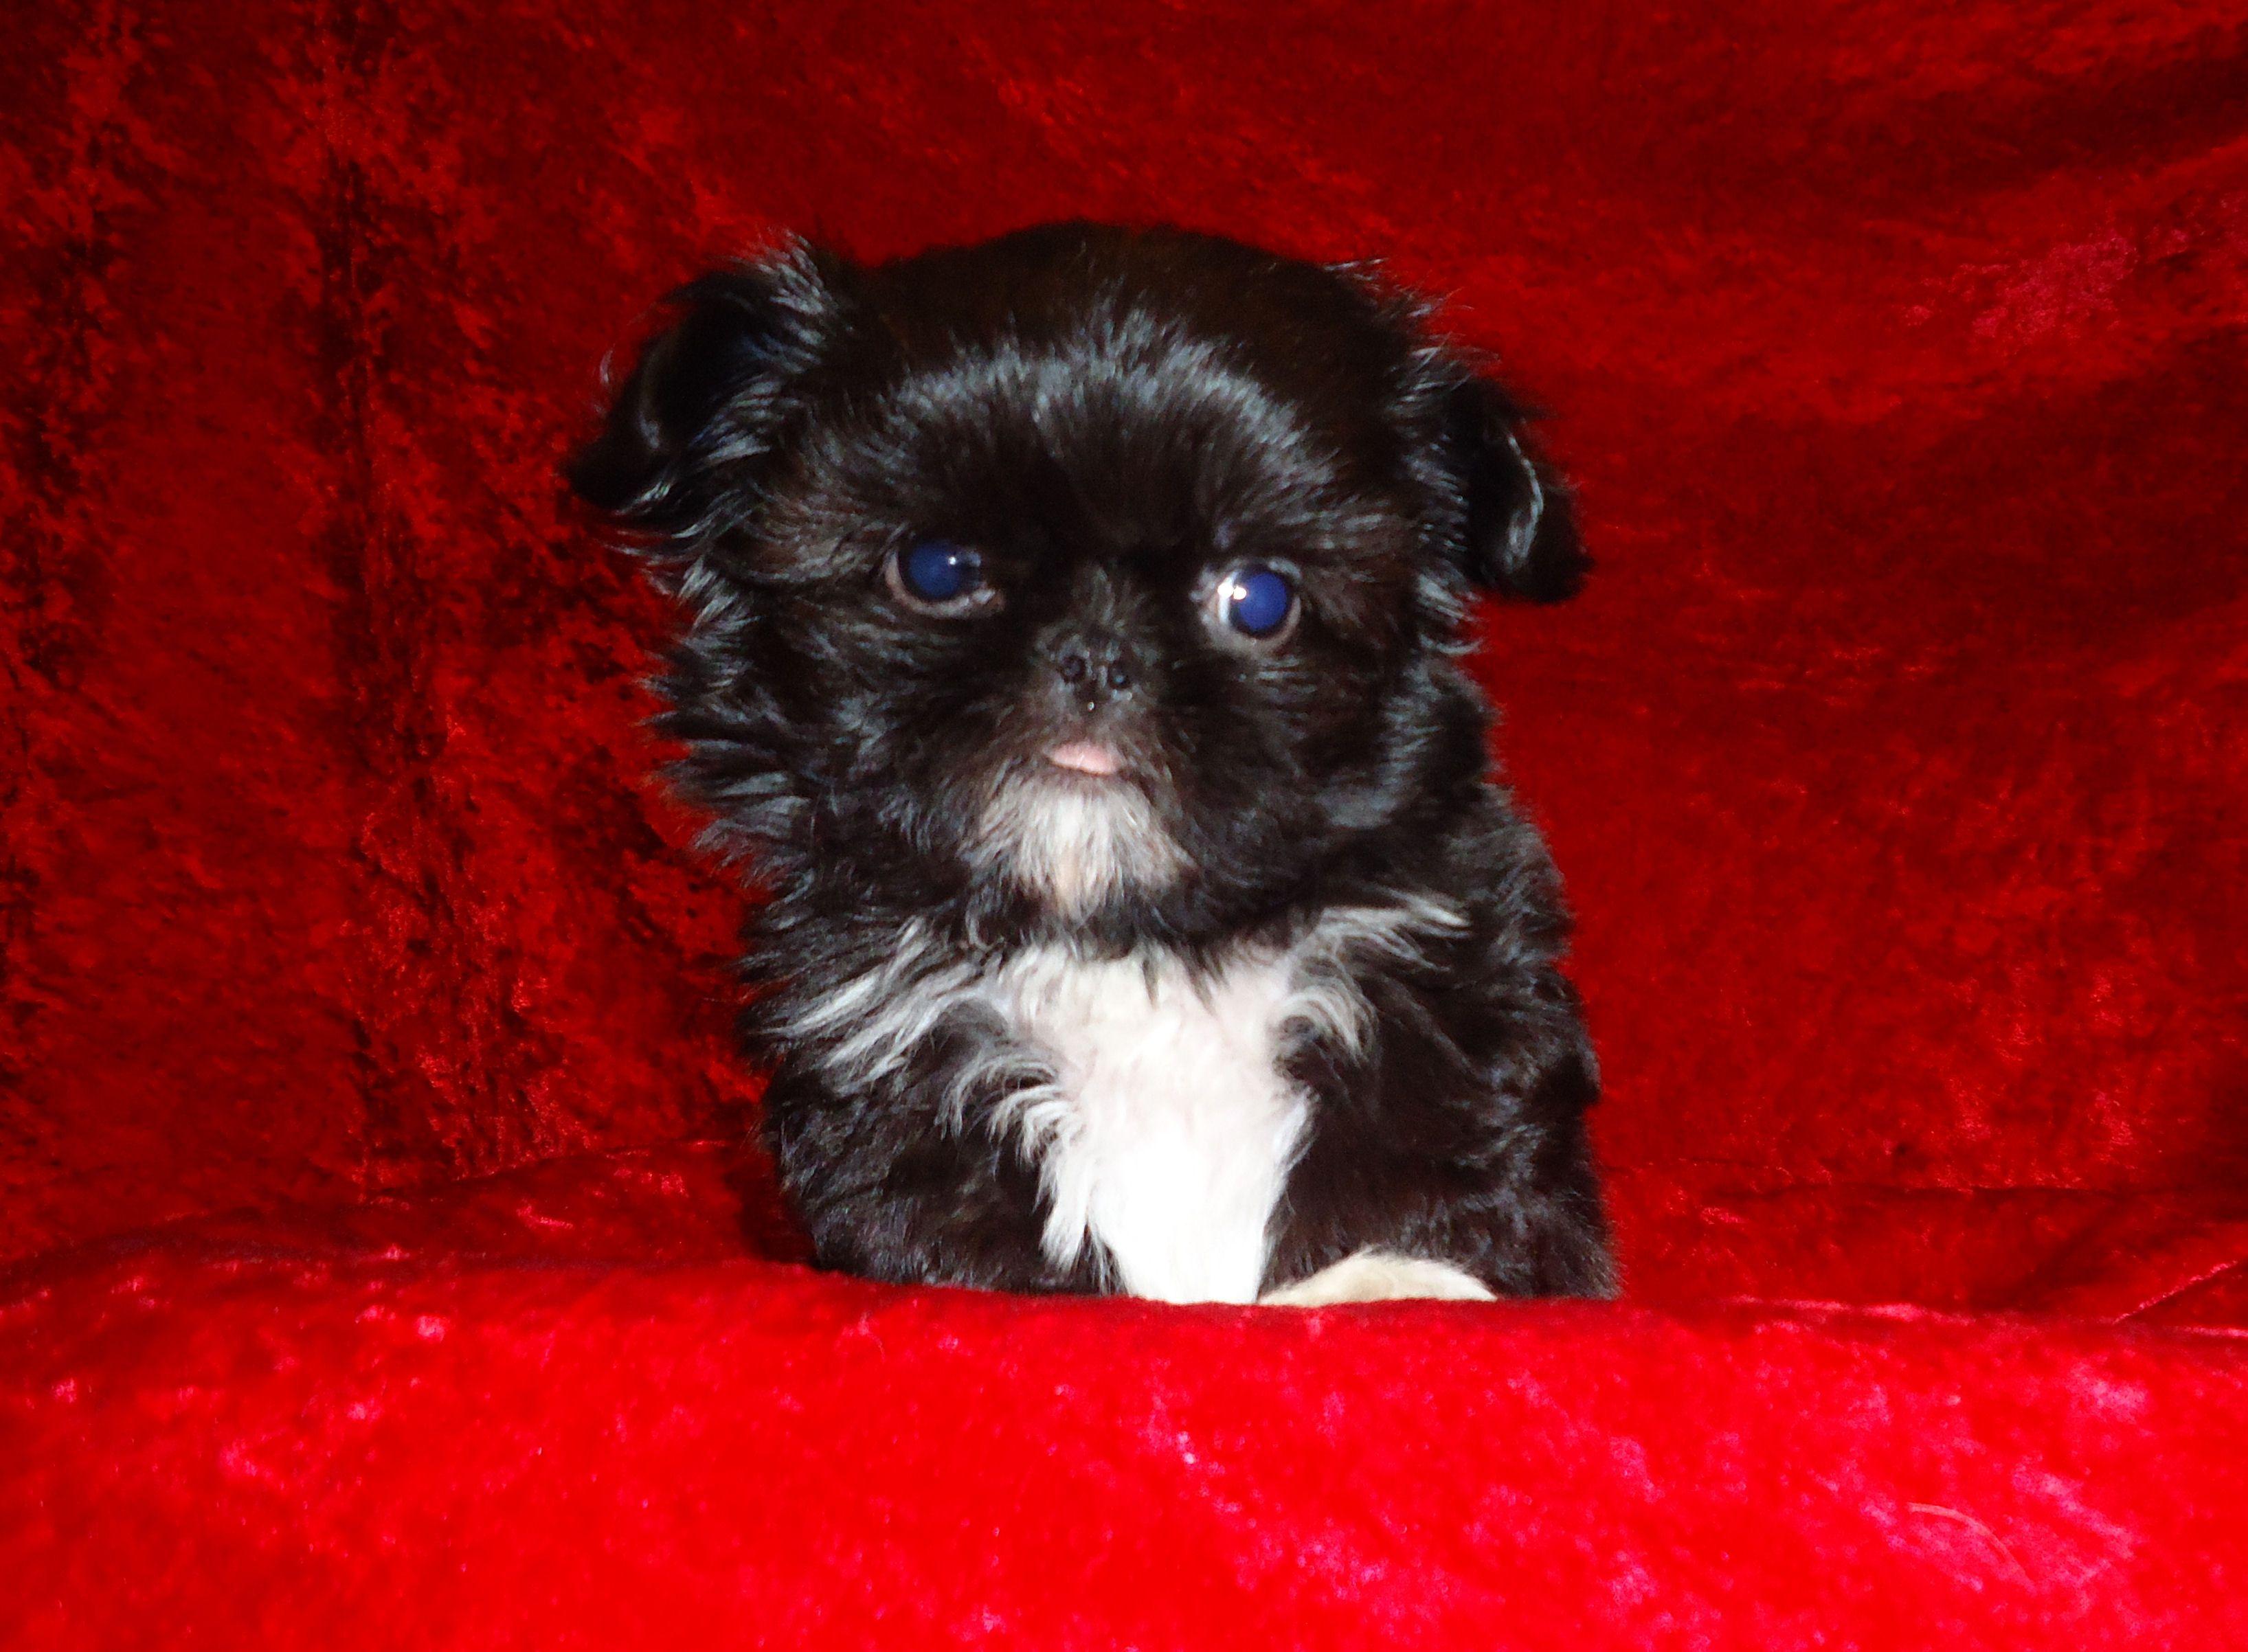 Shichon Breeder Zuchon Breeder Puppies, Shih tzu puppy